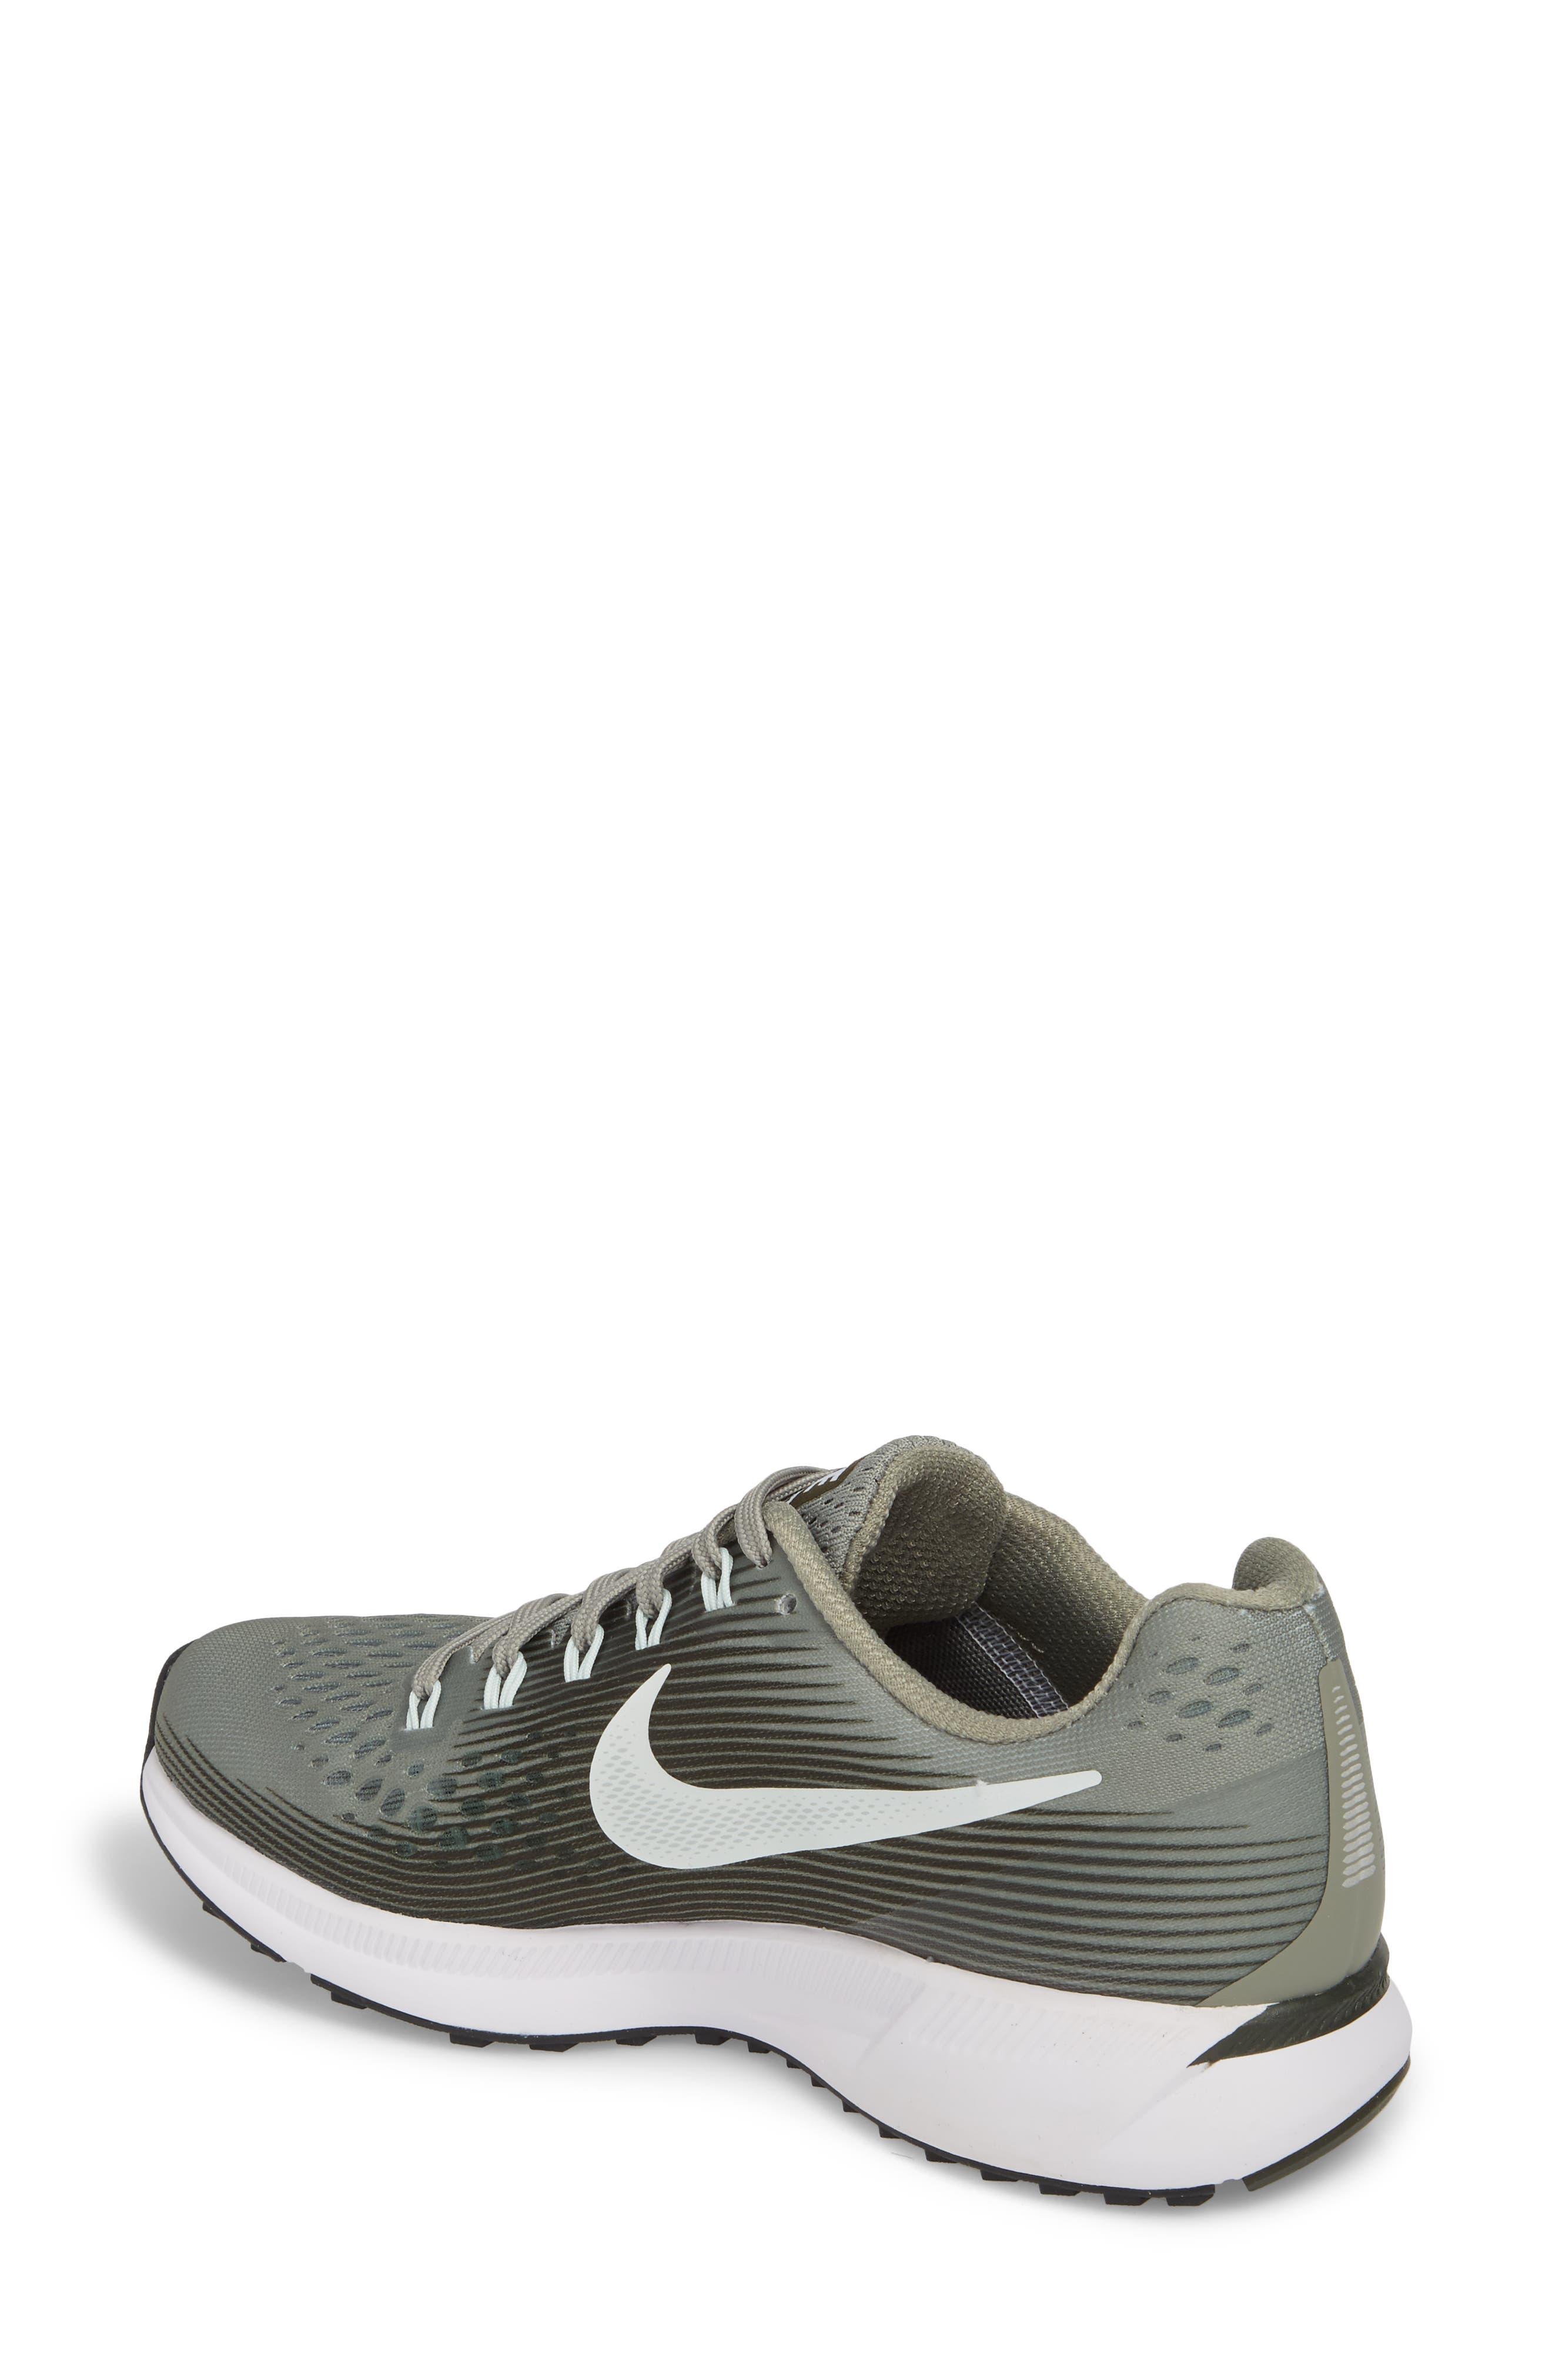 Alternate Image 2  - Nike Air Zoom Pegasus 34 Running Shoe (Women)